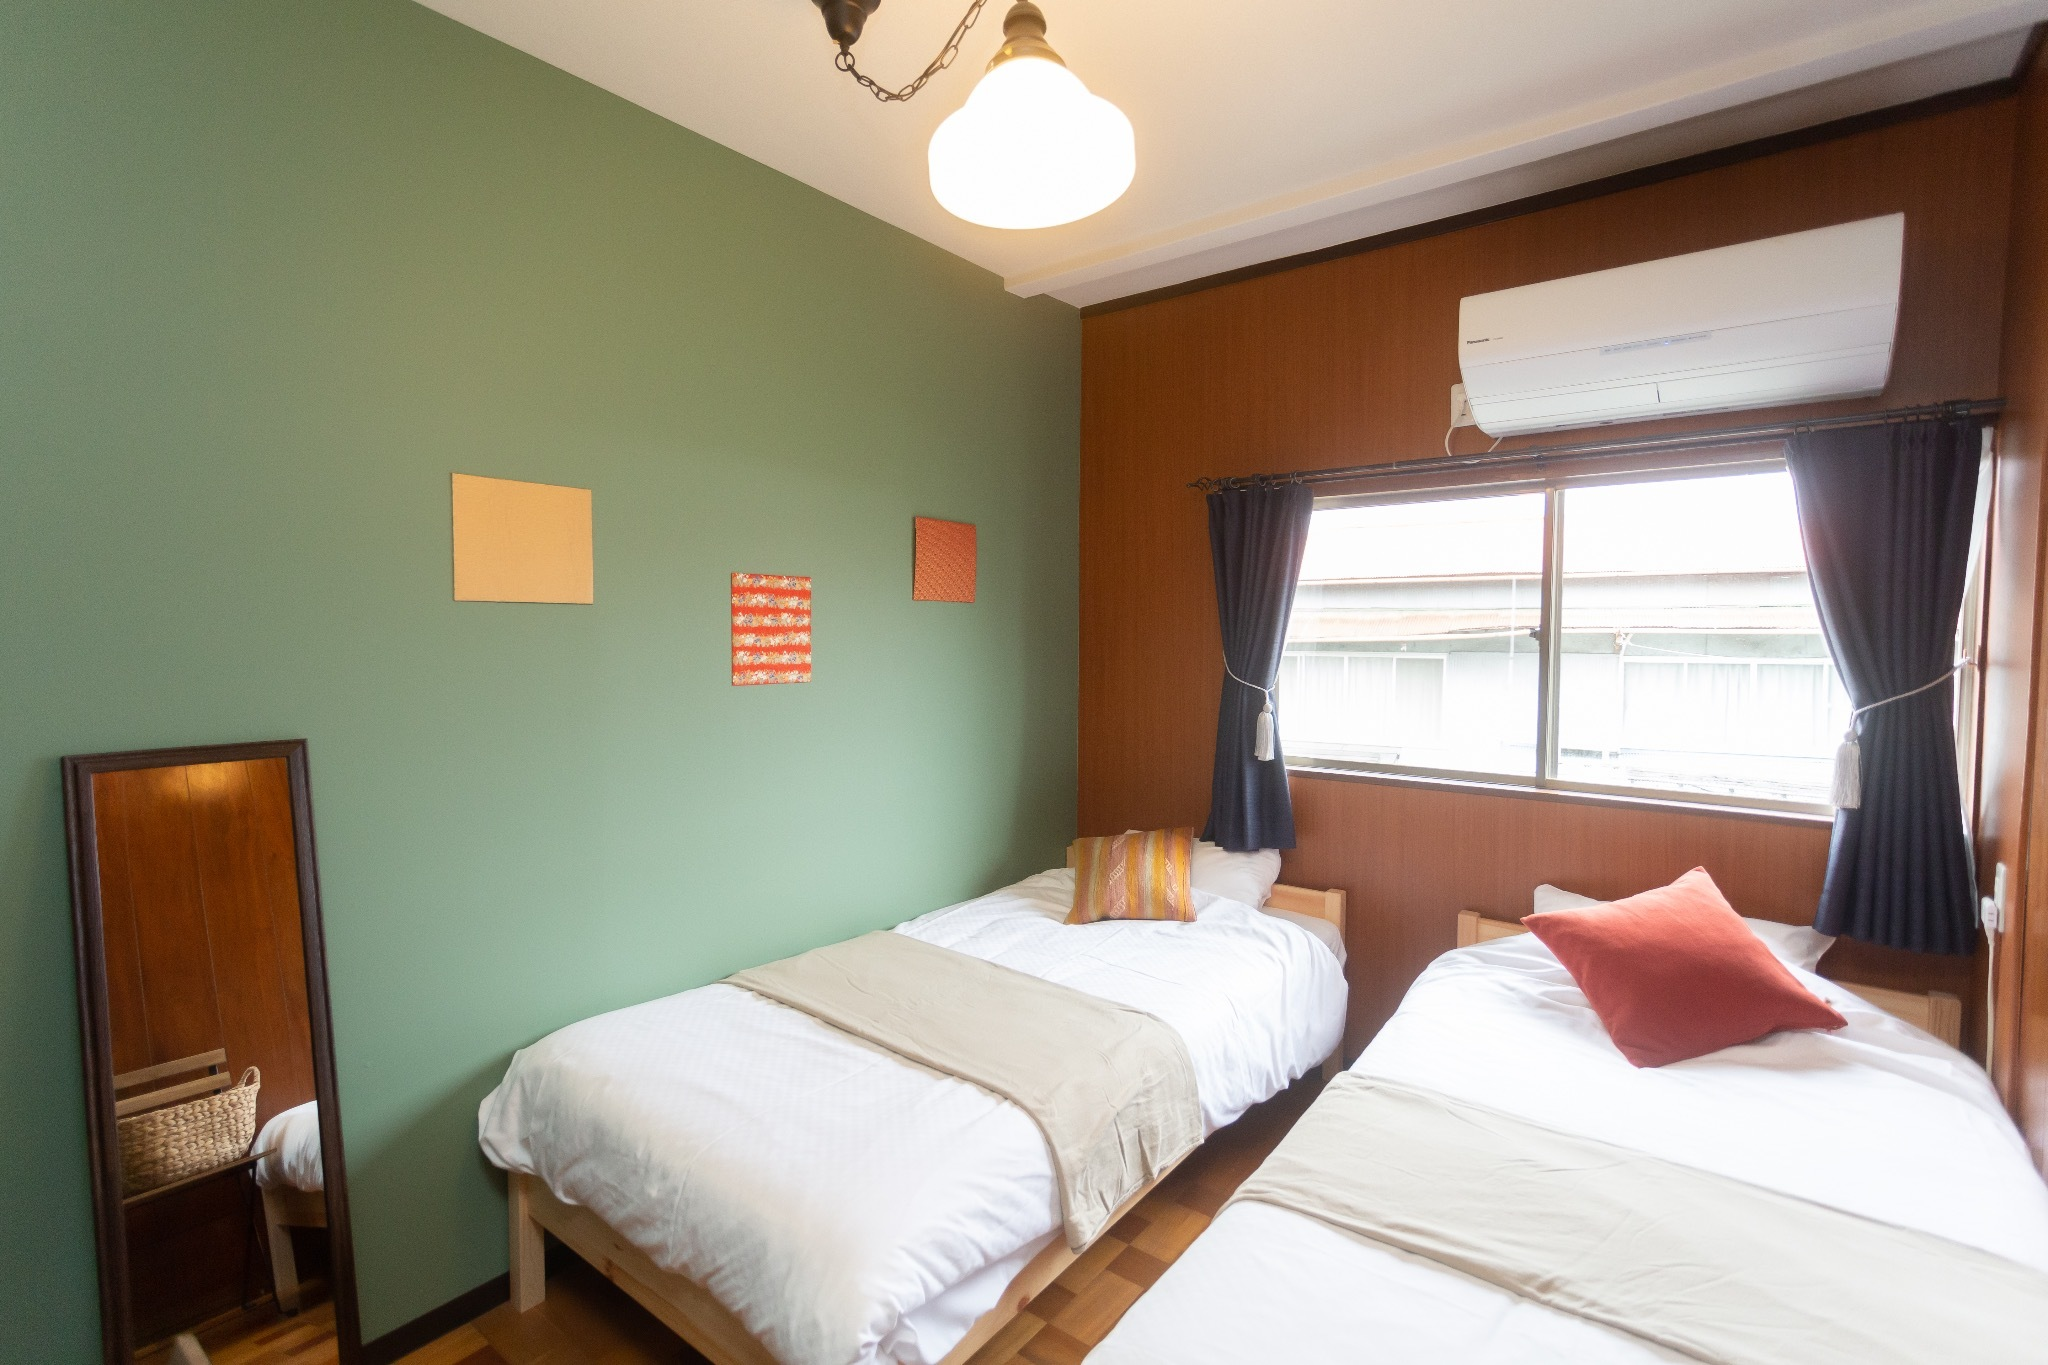 駅から3分 箱根、小田原の観光の拠点に最適 大正ロマン風なお部屋